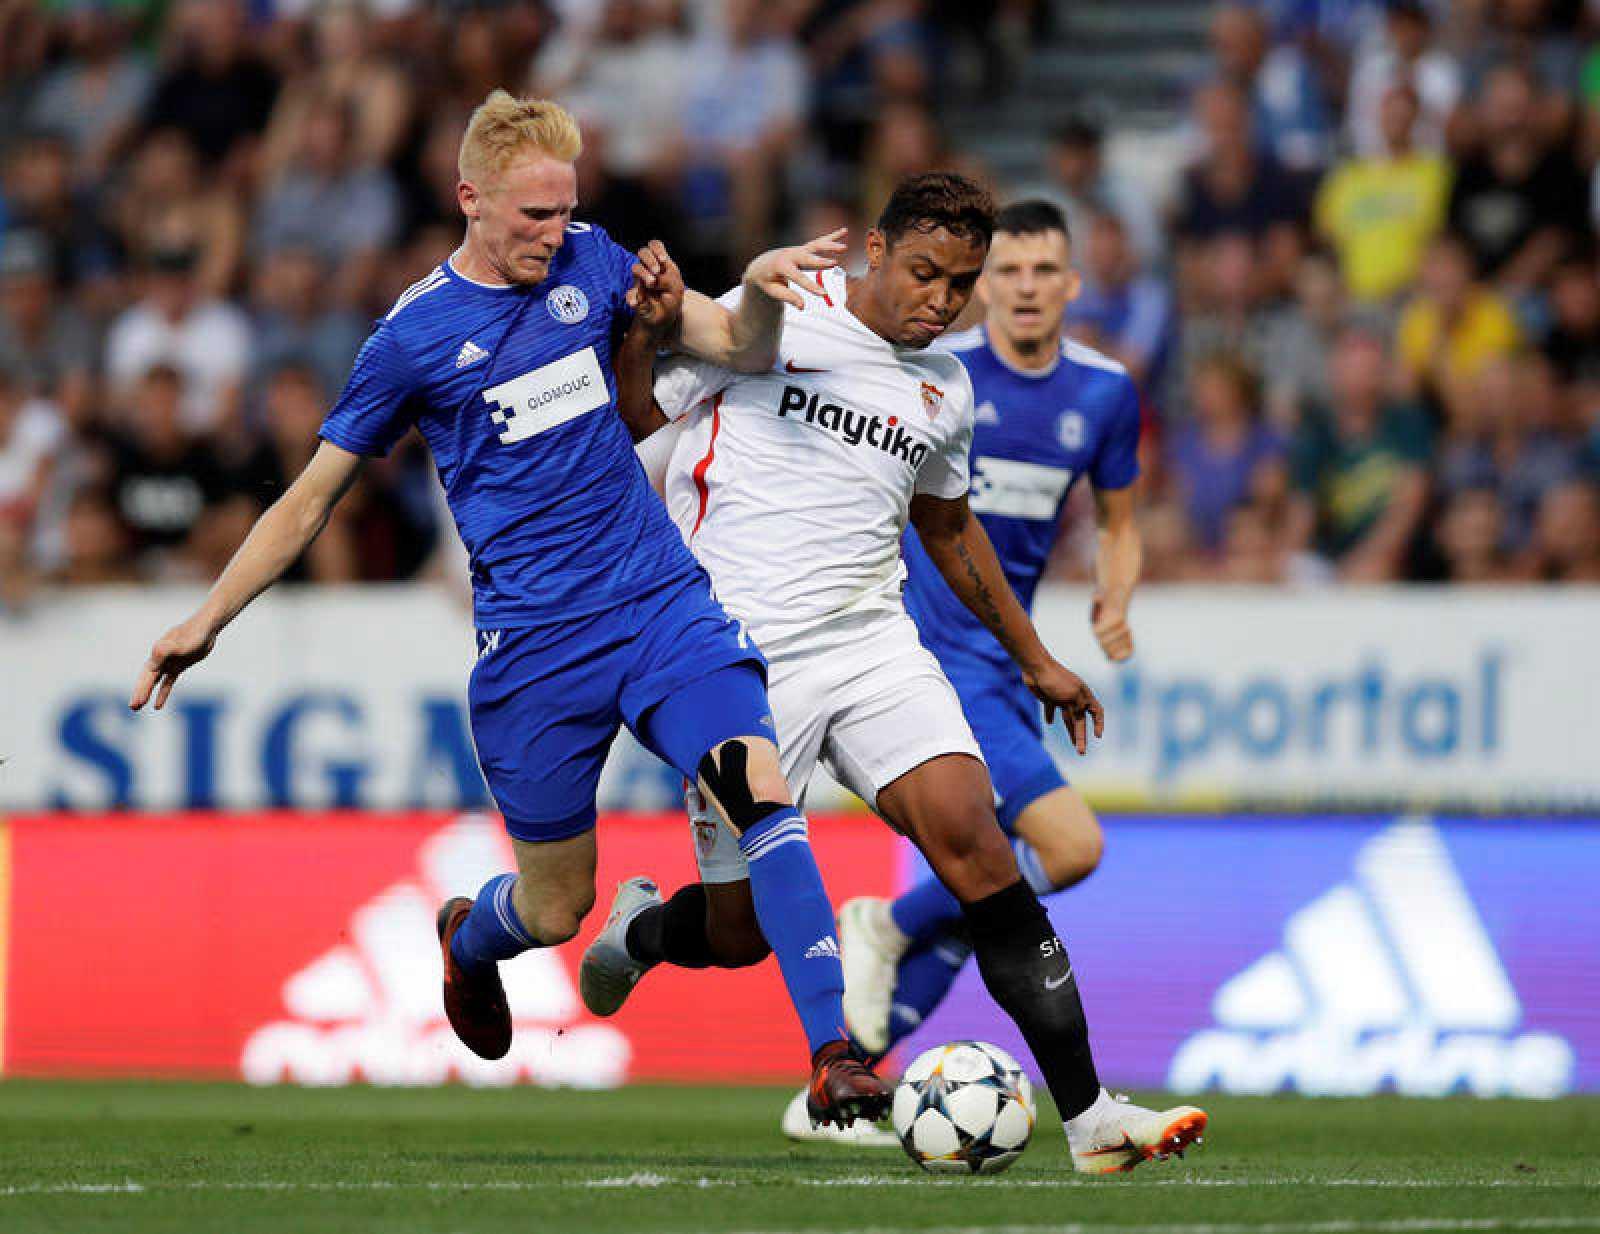 El delantero Muriel disputa el balón ante dos defensores del Sigma Olomouc checo.